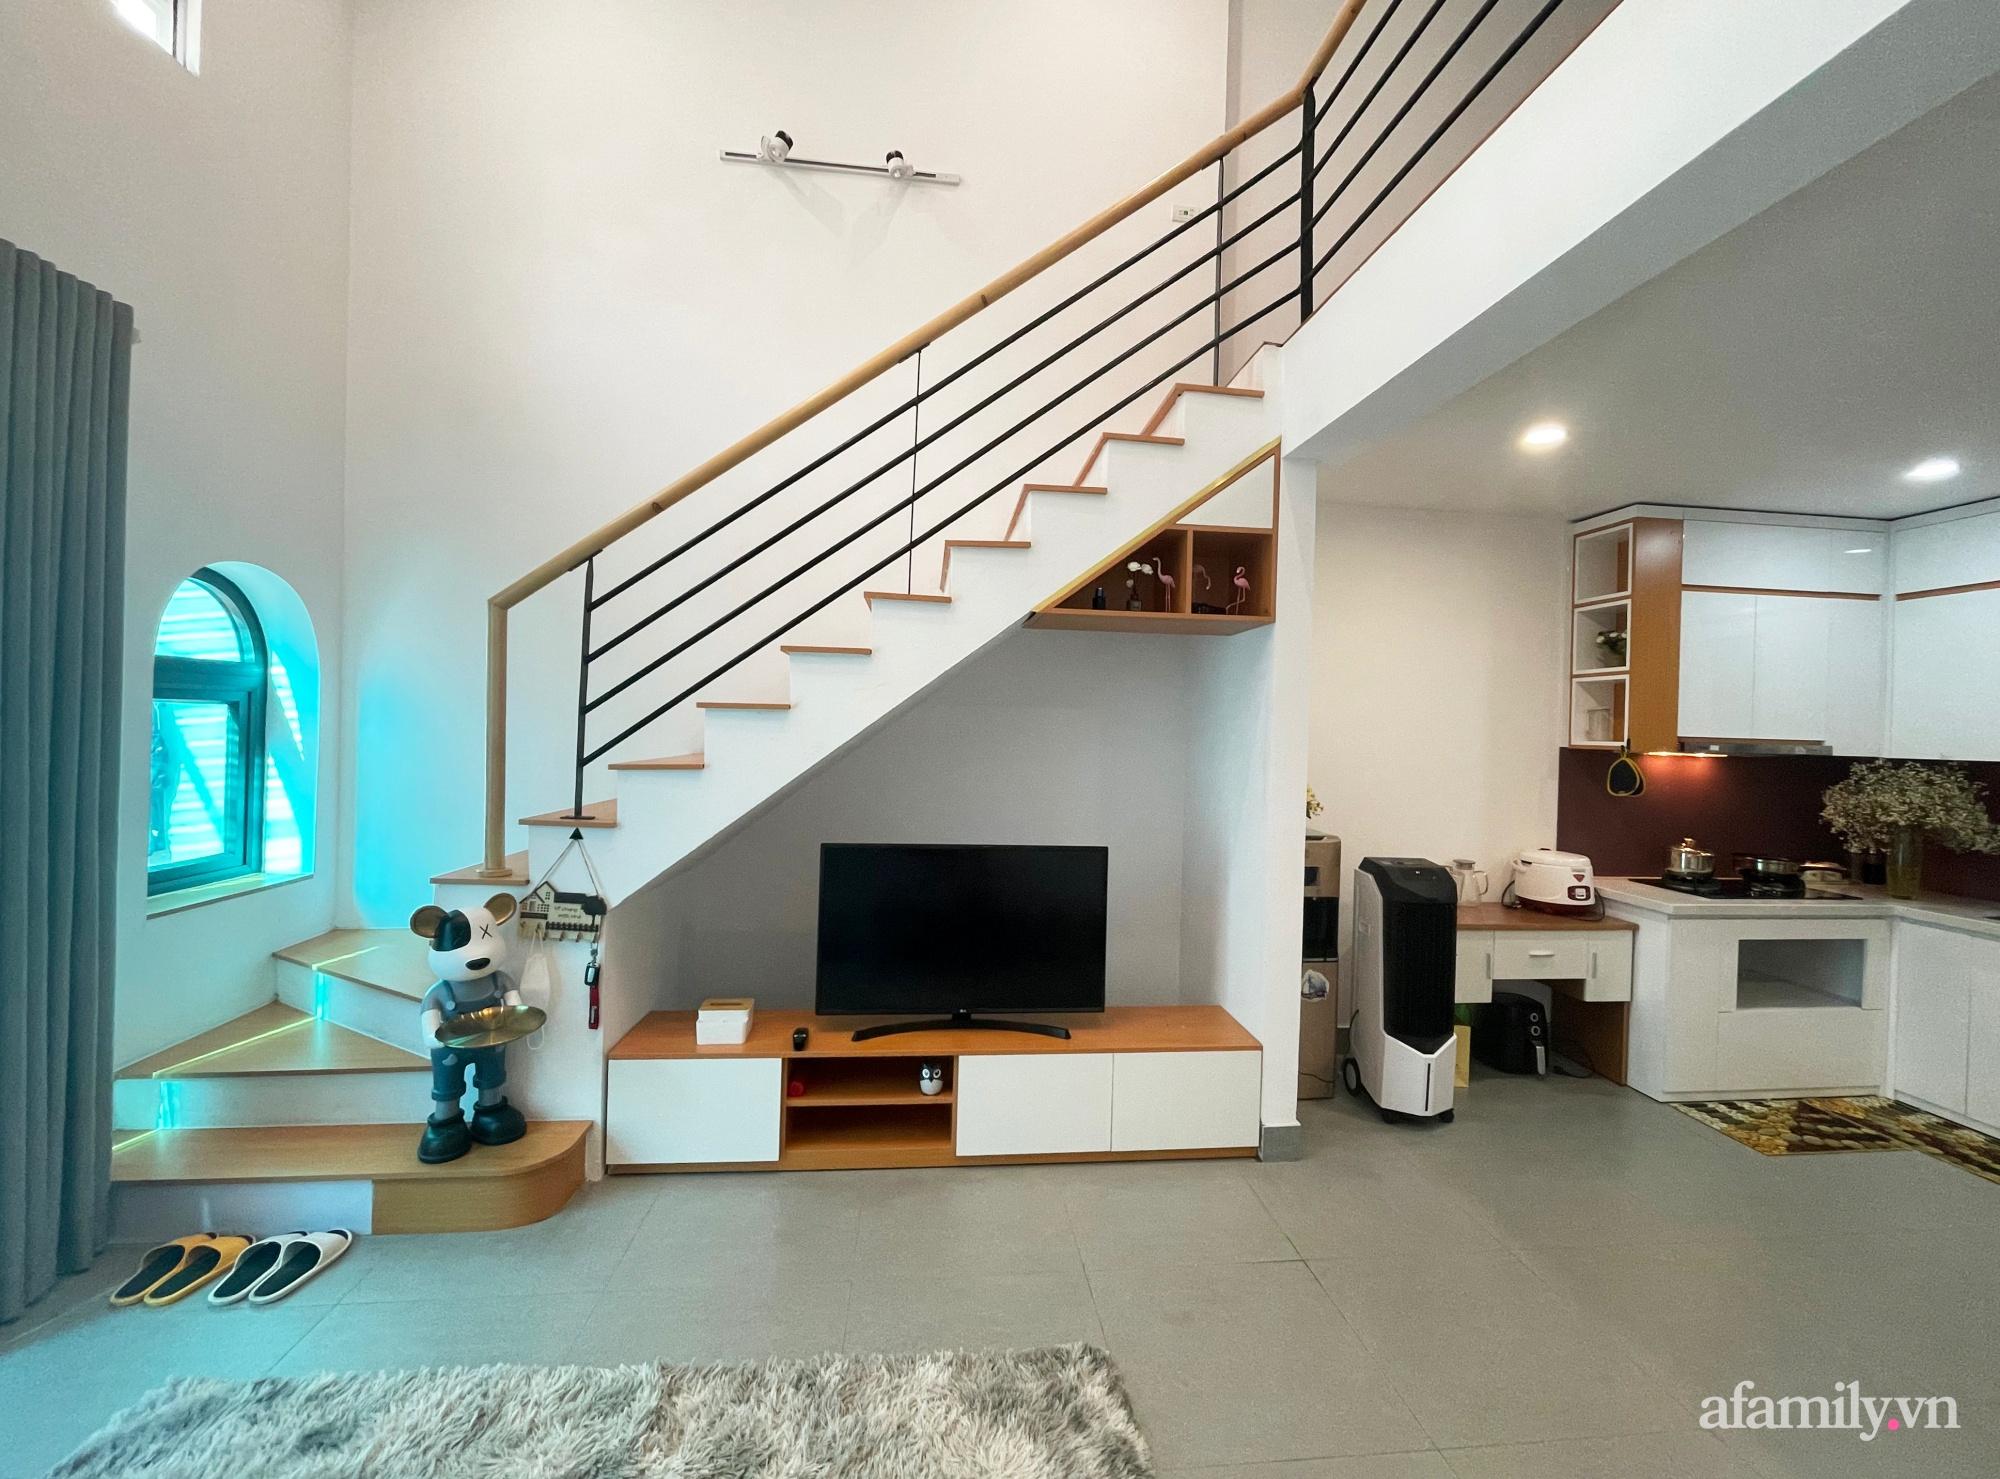 Căn nhà 58m2 được xây dựng đầy đủ chức năng hiện đại của cặp vợ chồng Bắc Ninh có tổng lương 25 triệu/tháng - Ảnh 3.